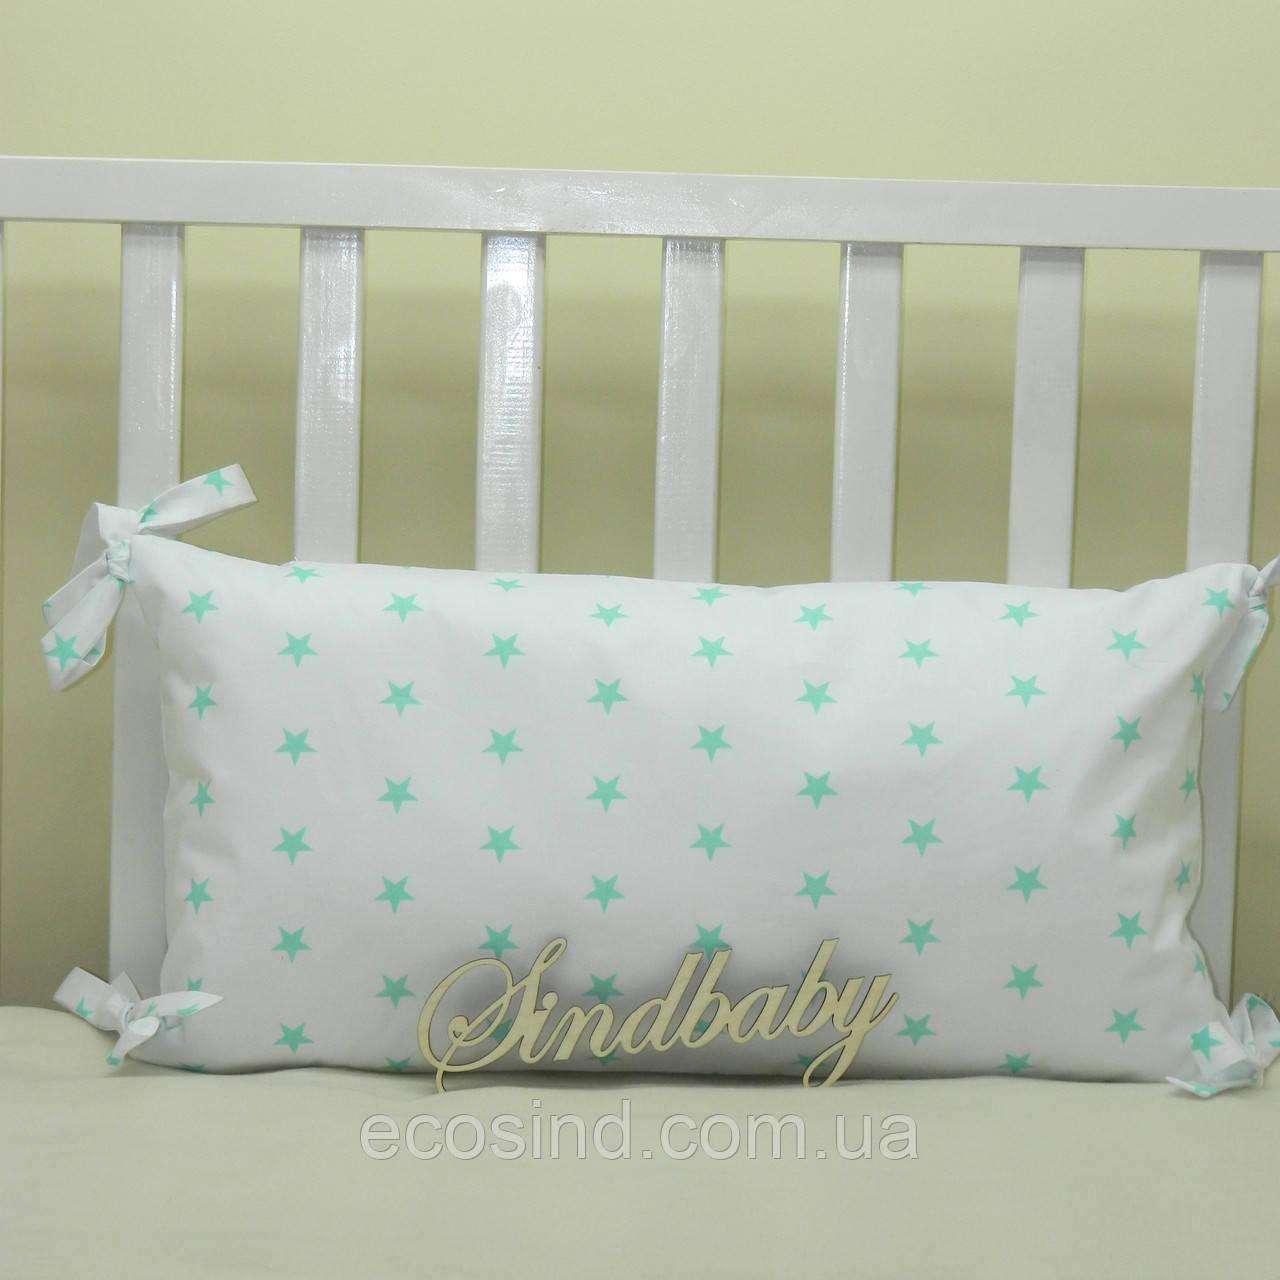 Бортики подушки в кроватку, Подушка 30х60 -24